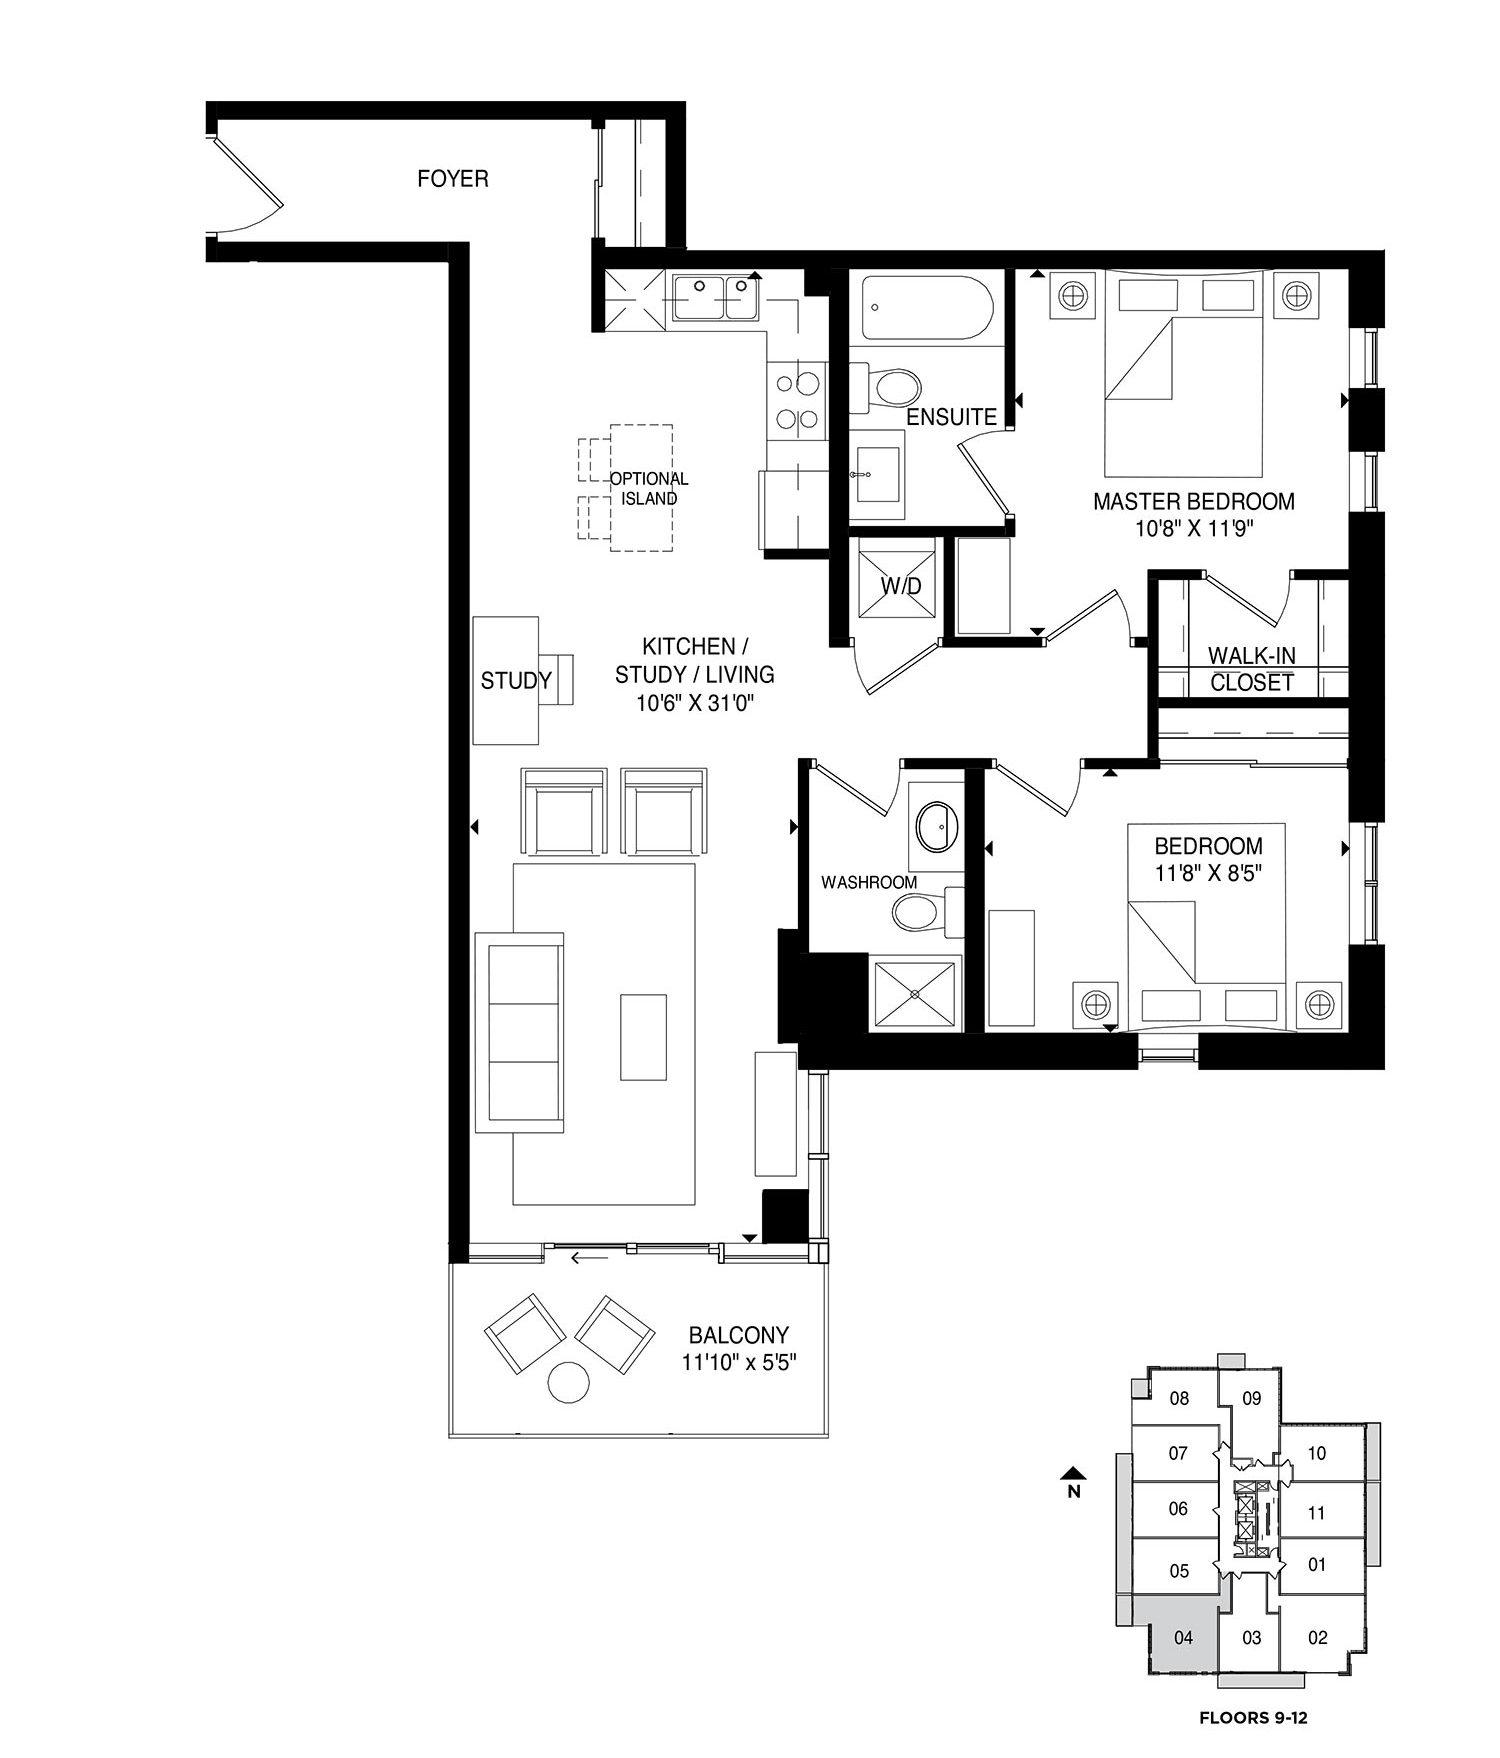 spring_floorplan_pdf_img